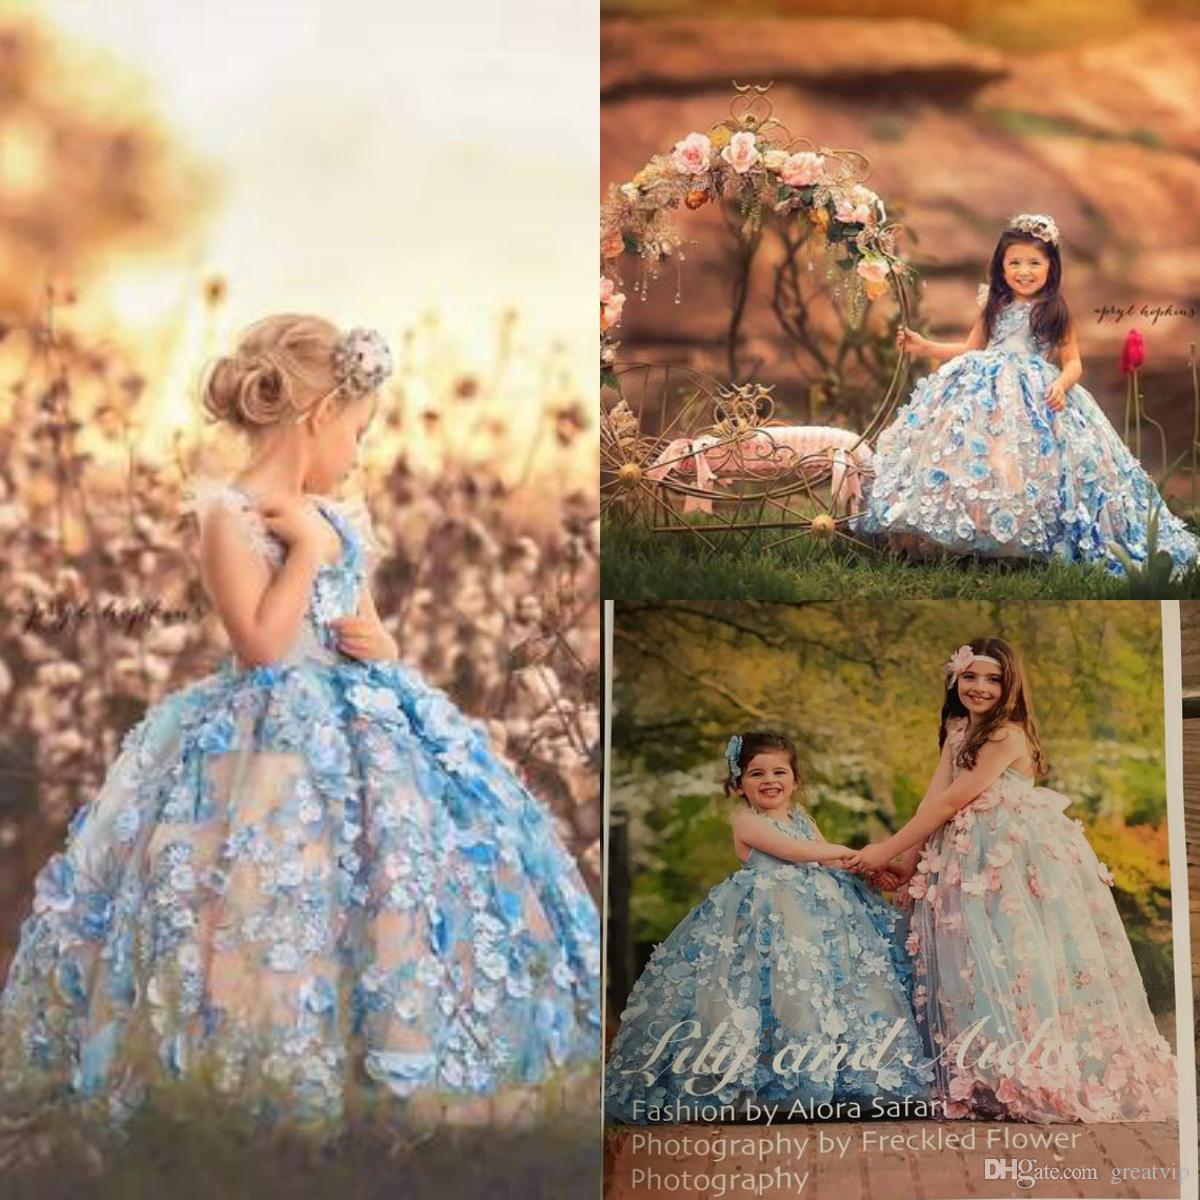 Foto reali Blue Princess Flowes Ragazze Abiti da spettacolo Appliques Perline Bambini Toddlers Festa di compleanno Abiti da sposa